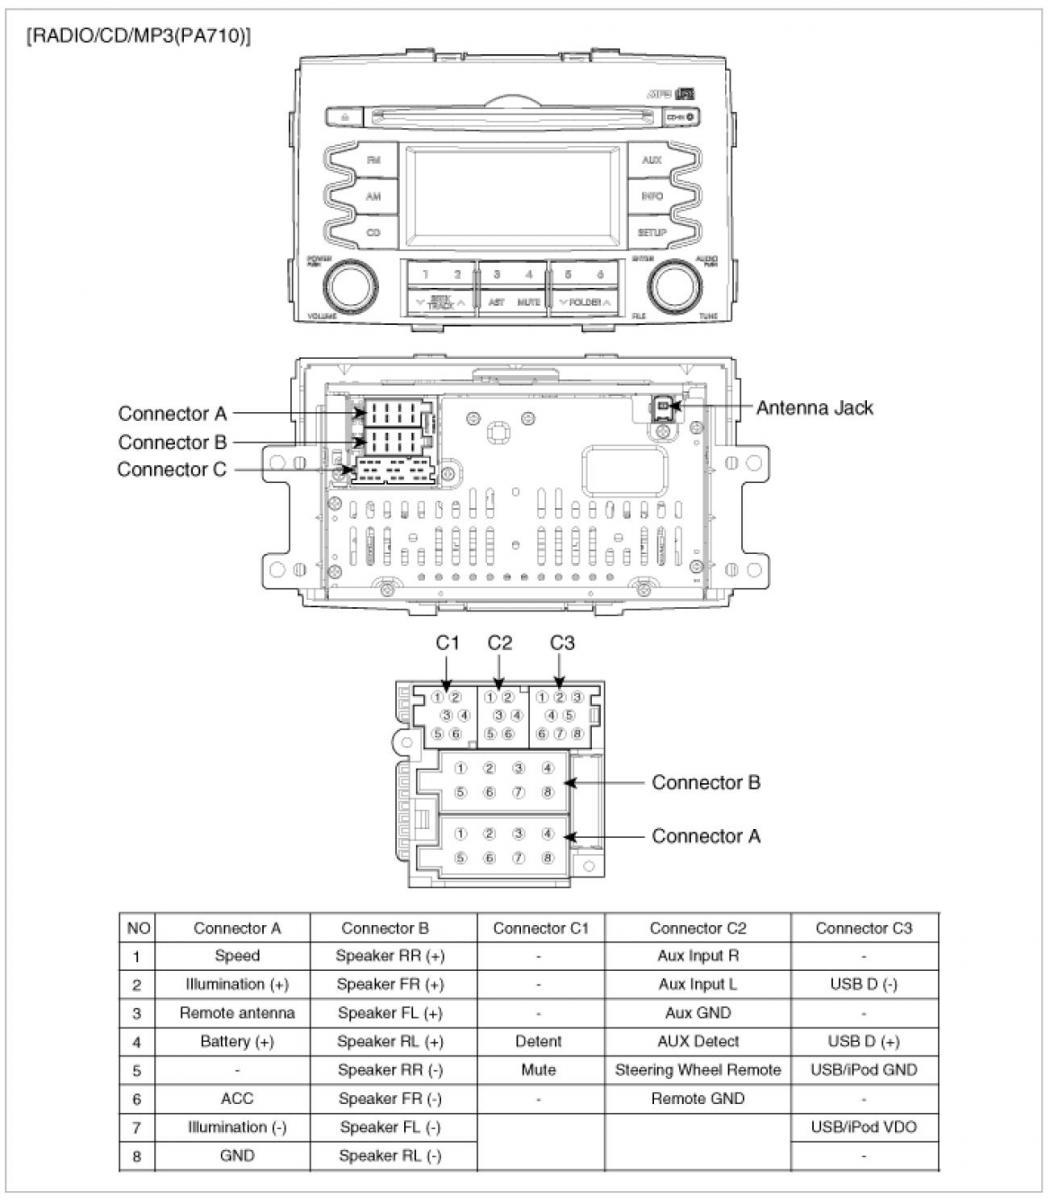 k2011 kia forte stereo wiring diagram